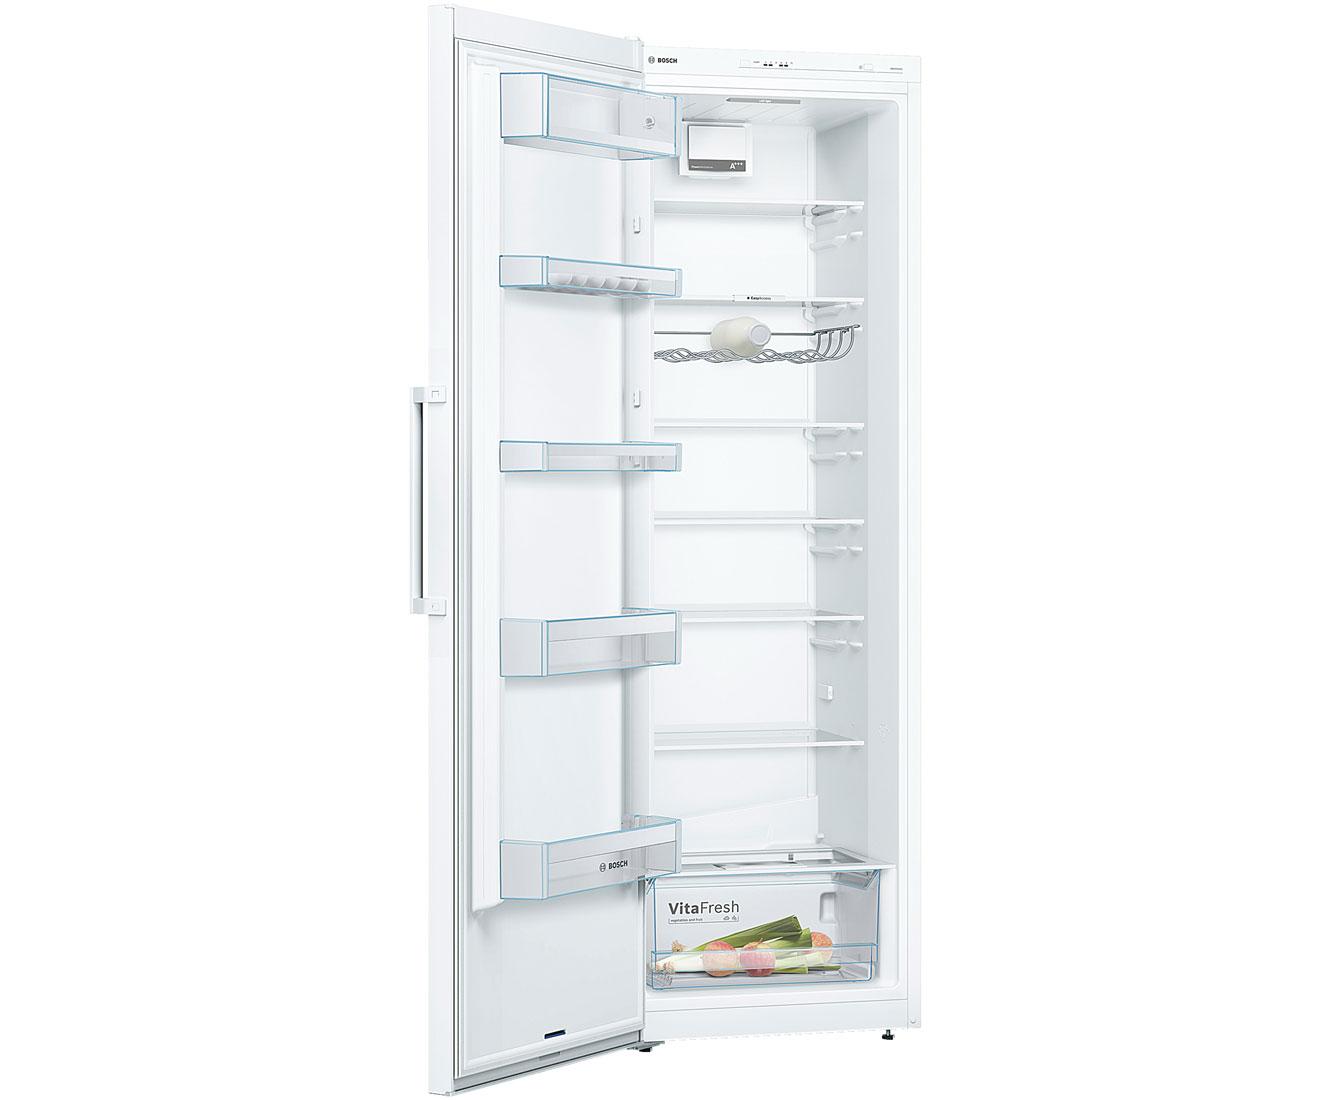 Bosch Kühlschrank Weiß : Rabatt preisvergleich.de haushalt kühlen & gefrieren kühlschränke